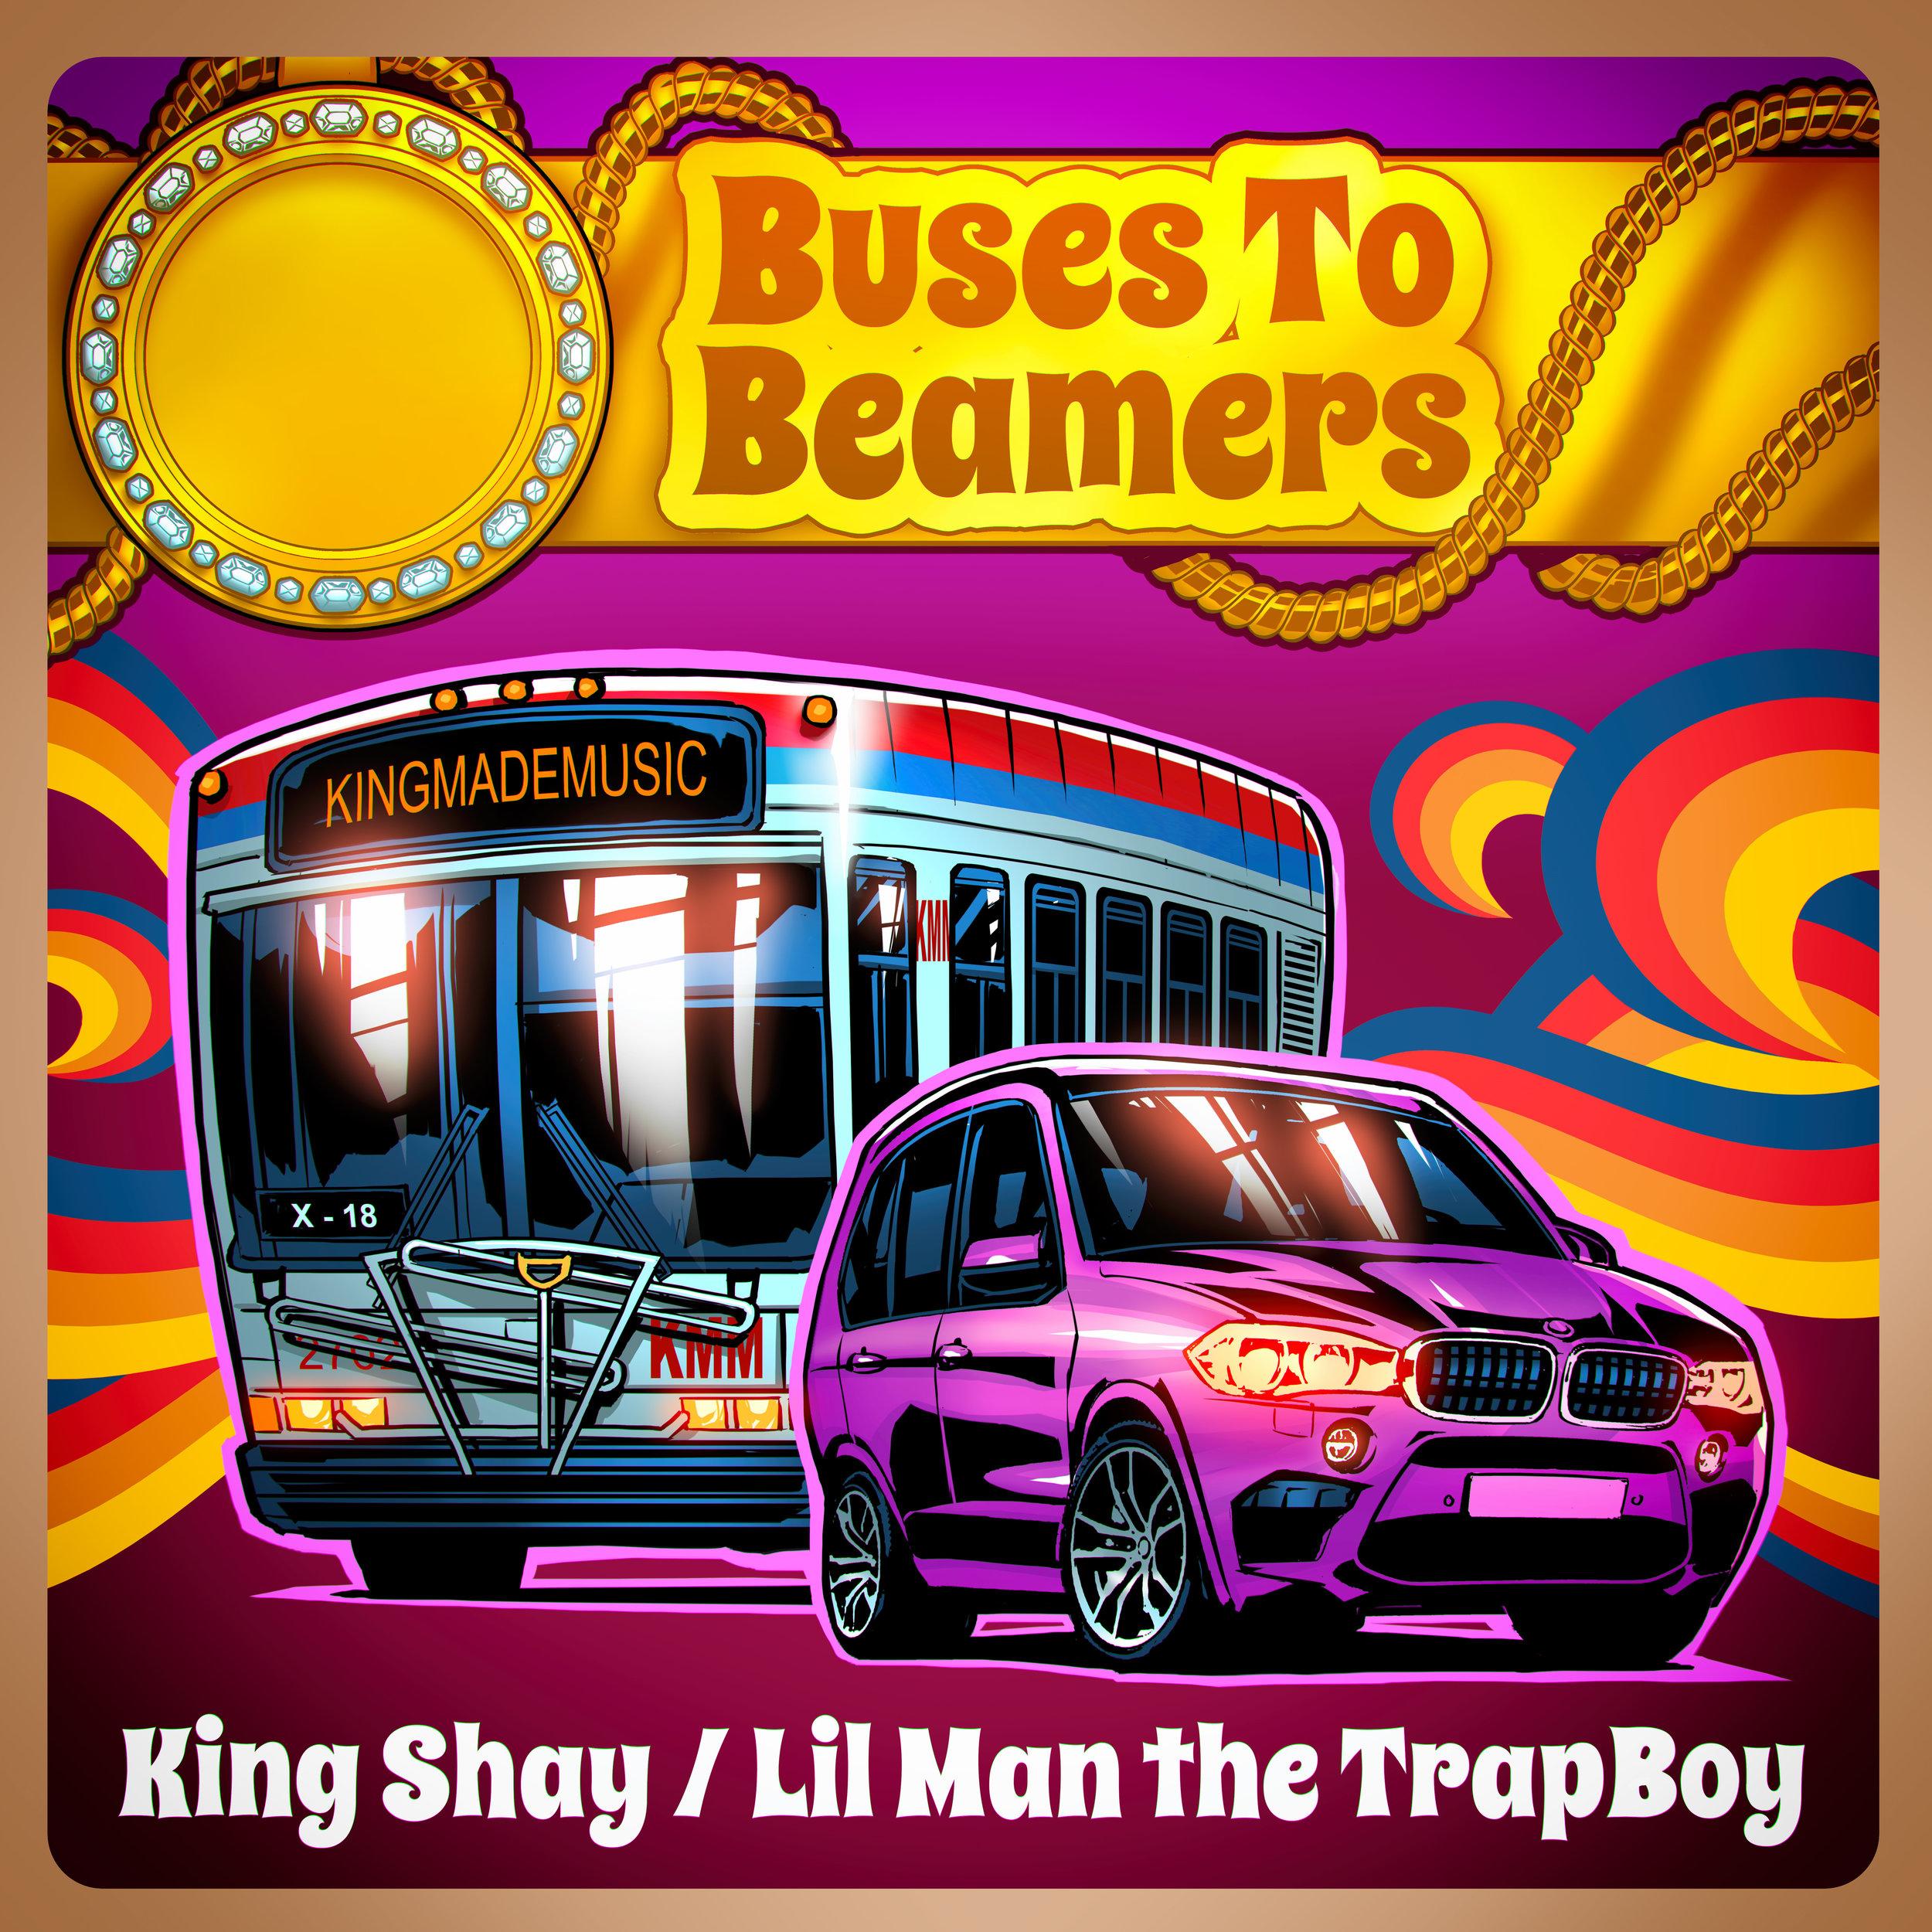 BusesToBeamers_02 High Res Final .jpg